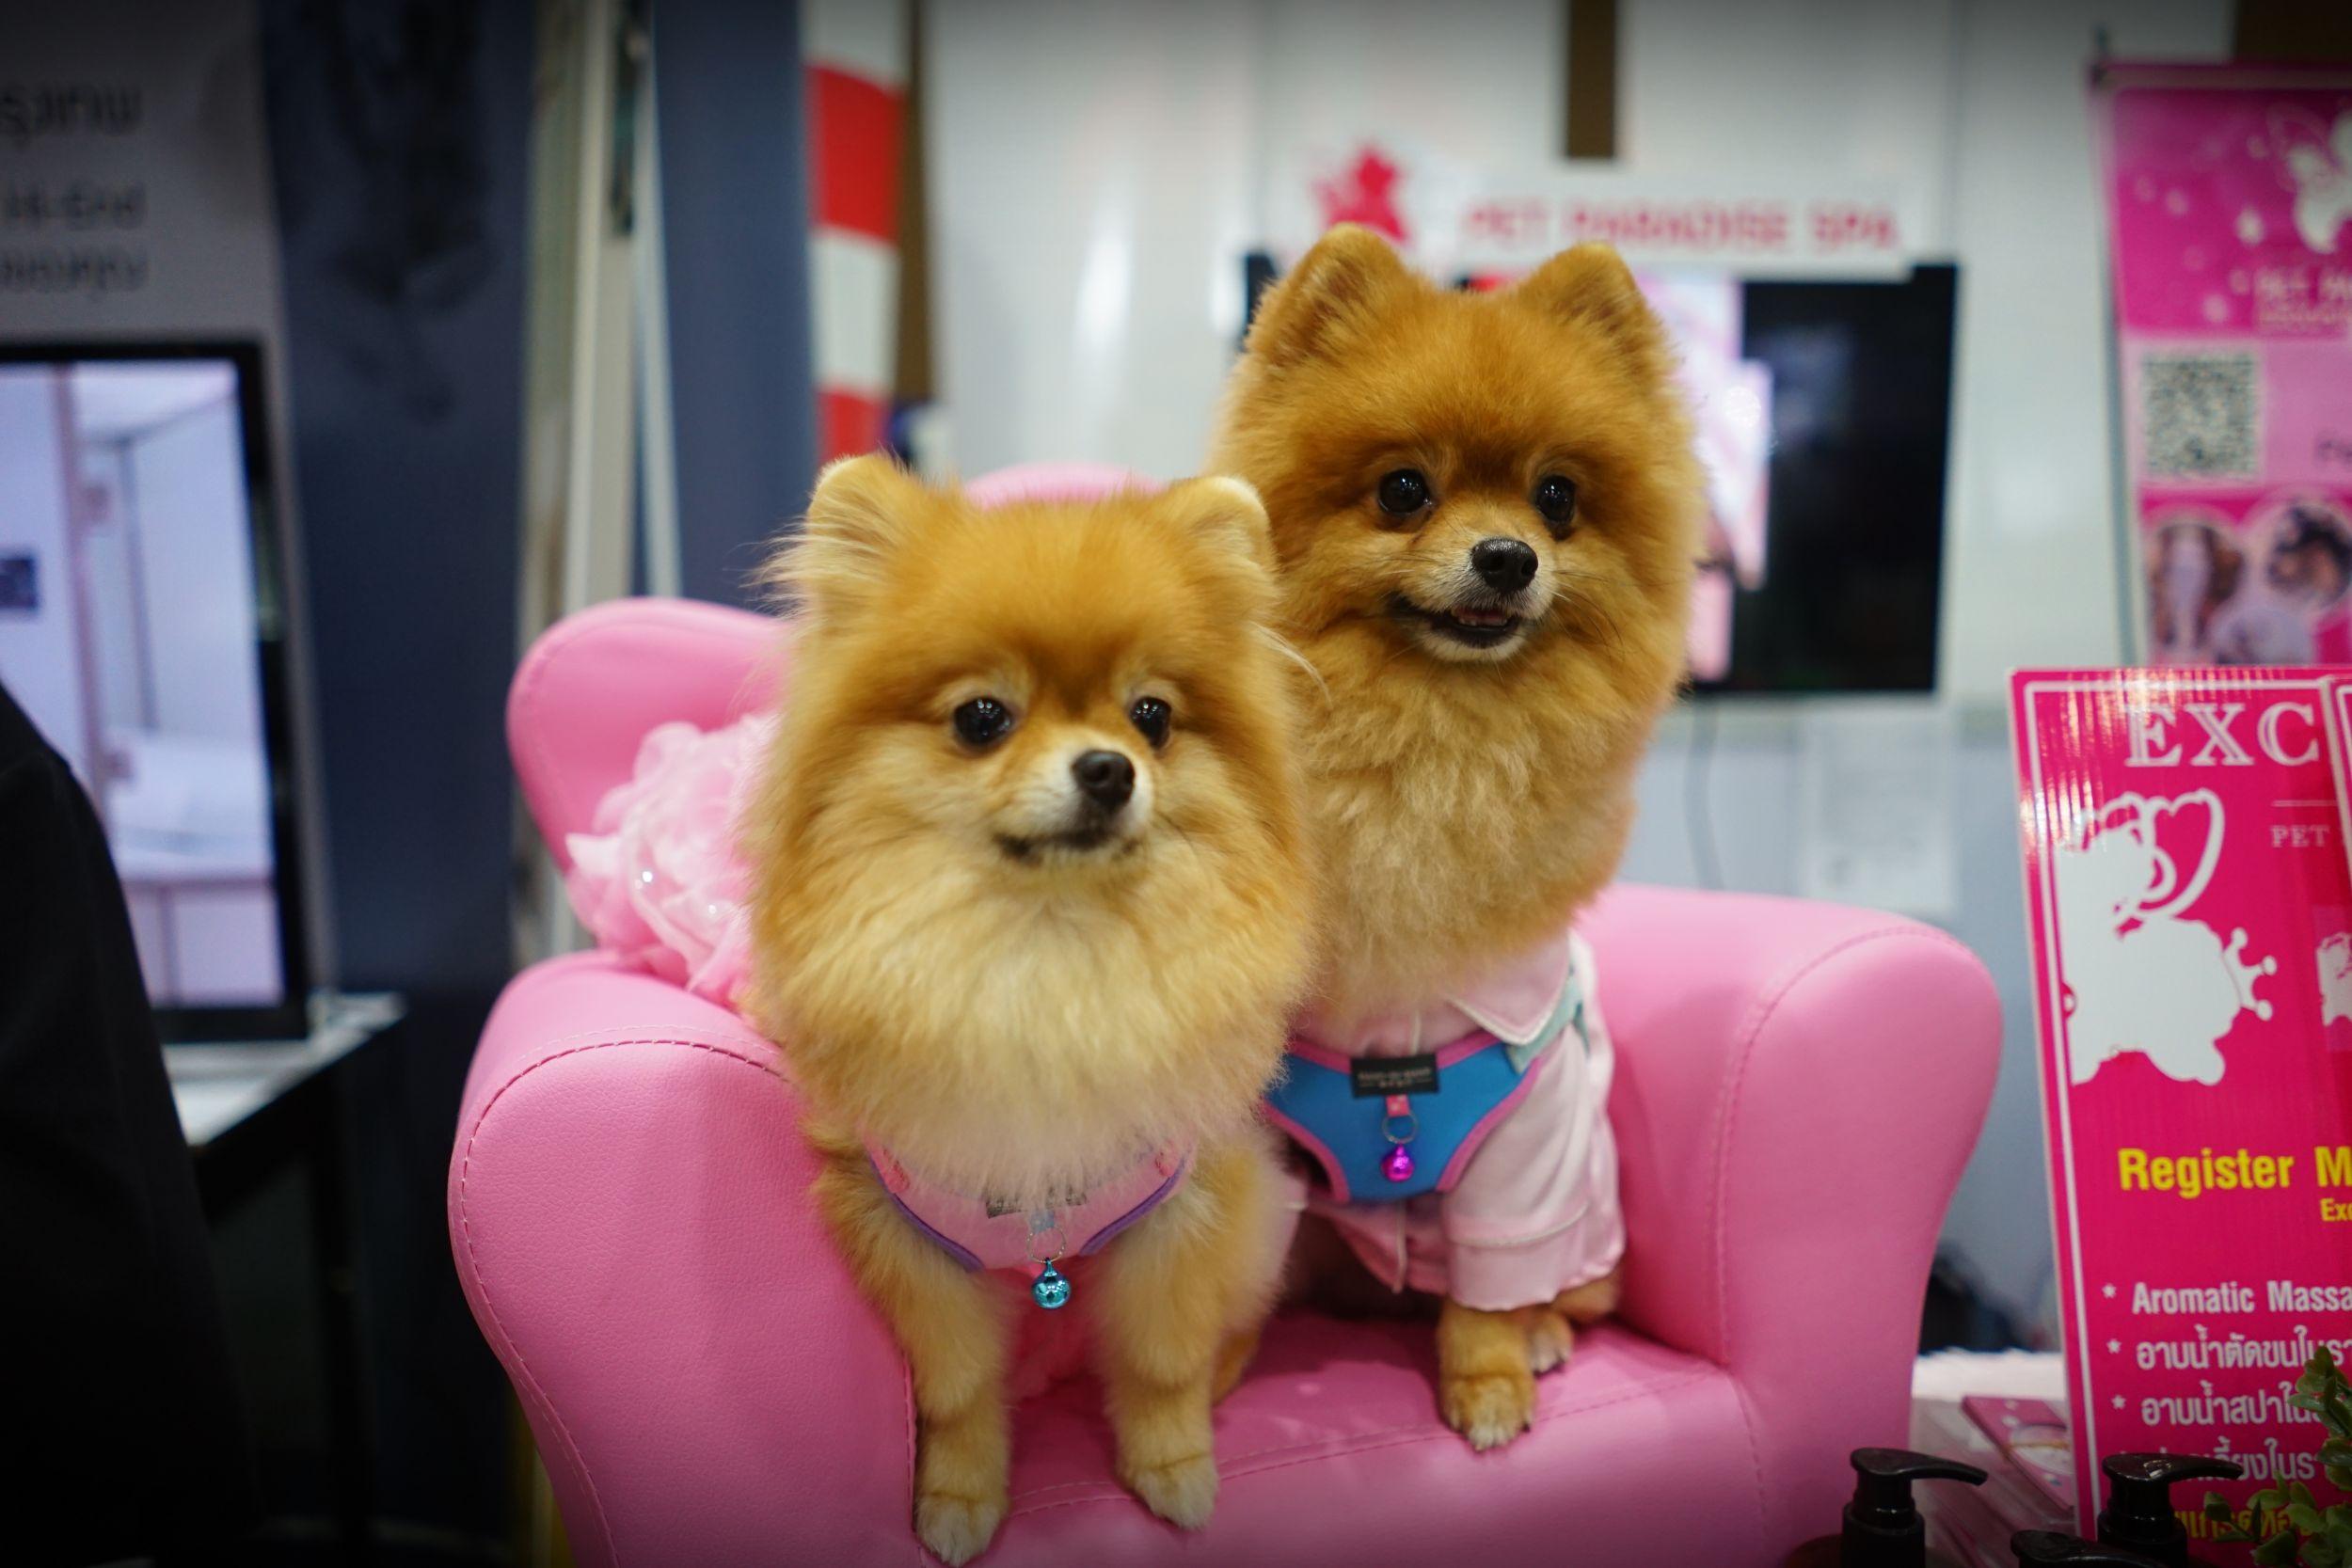 สุนัขพันธุ์ปอมเมอเรเนียนขนฟูสองตัวนั่งอยู่บนเก้าอี้สีชมพู